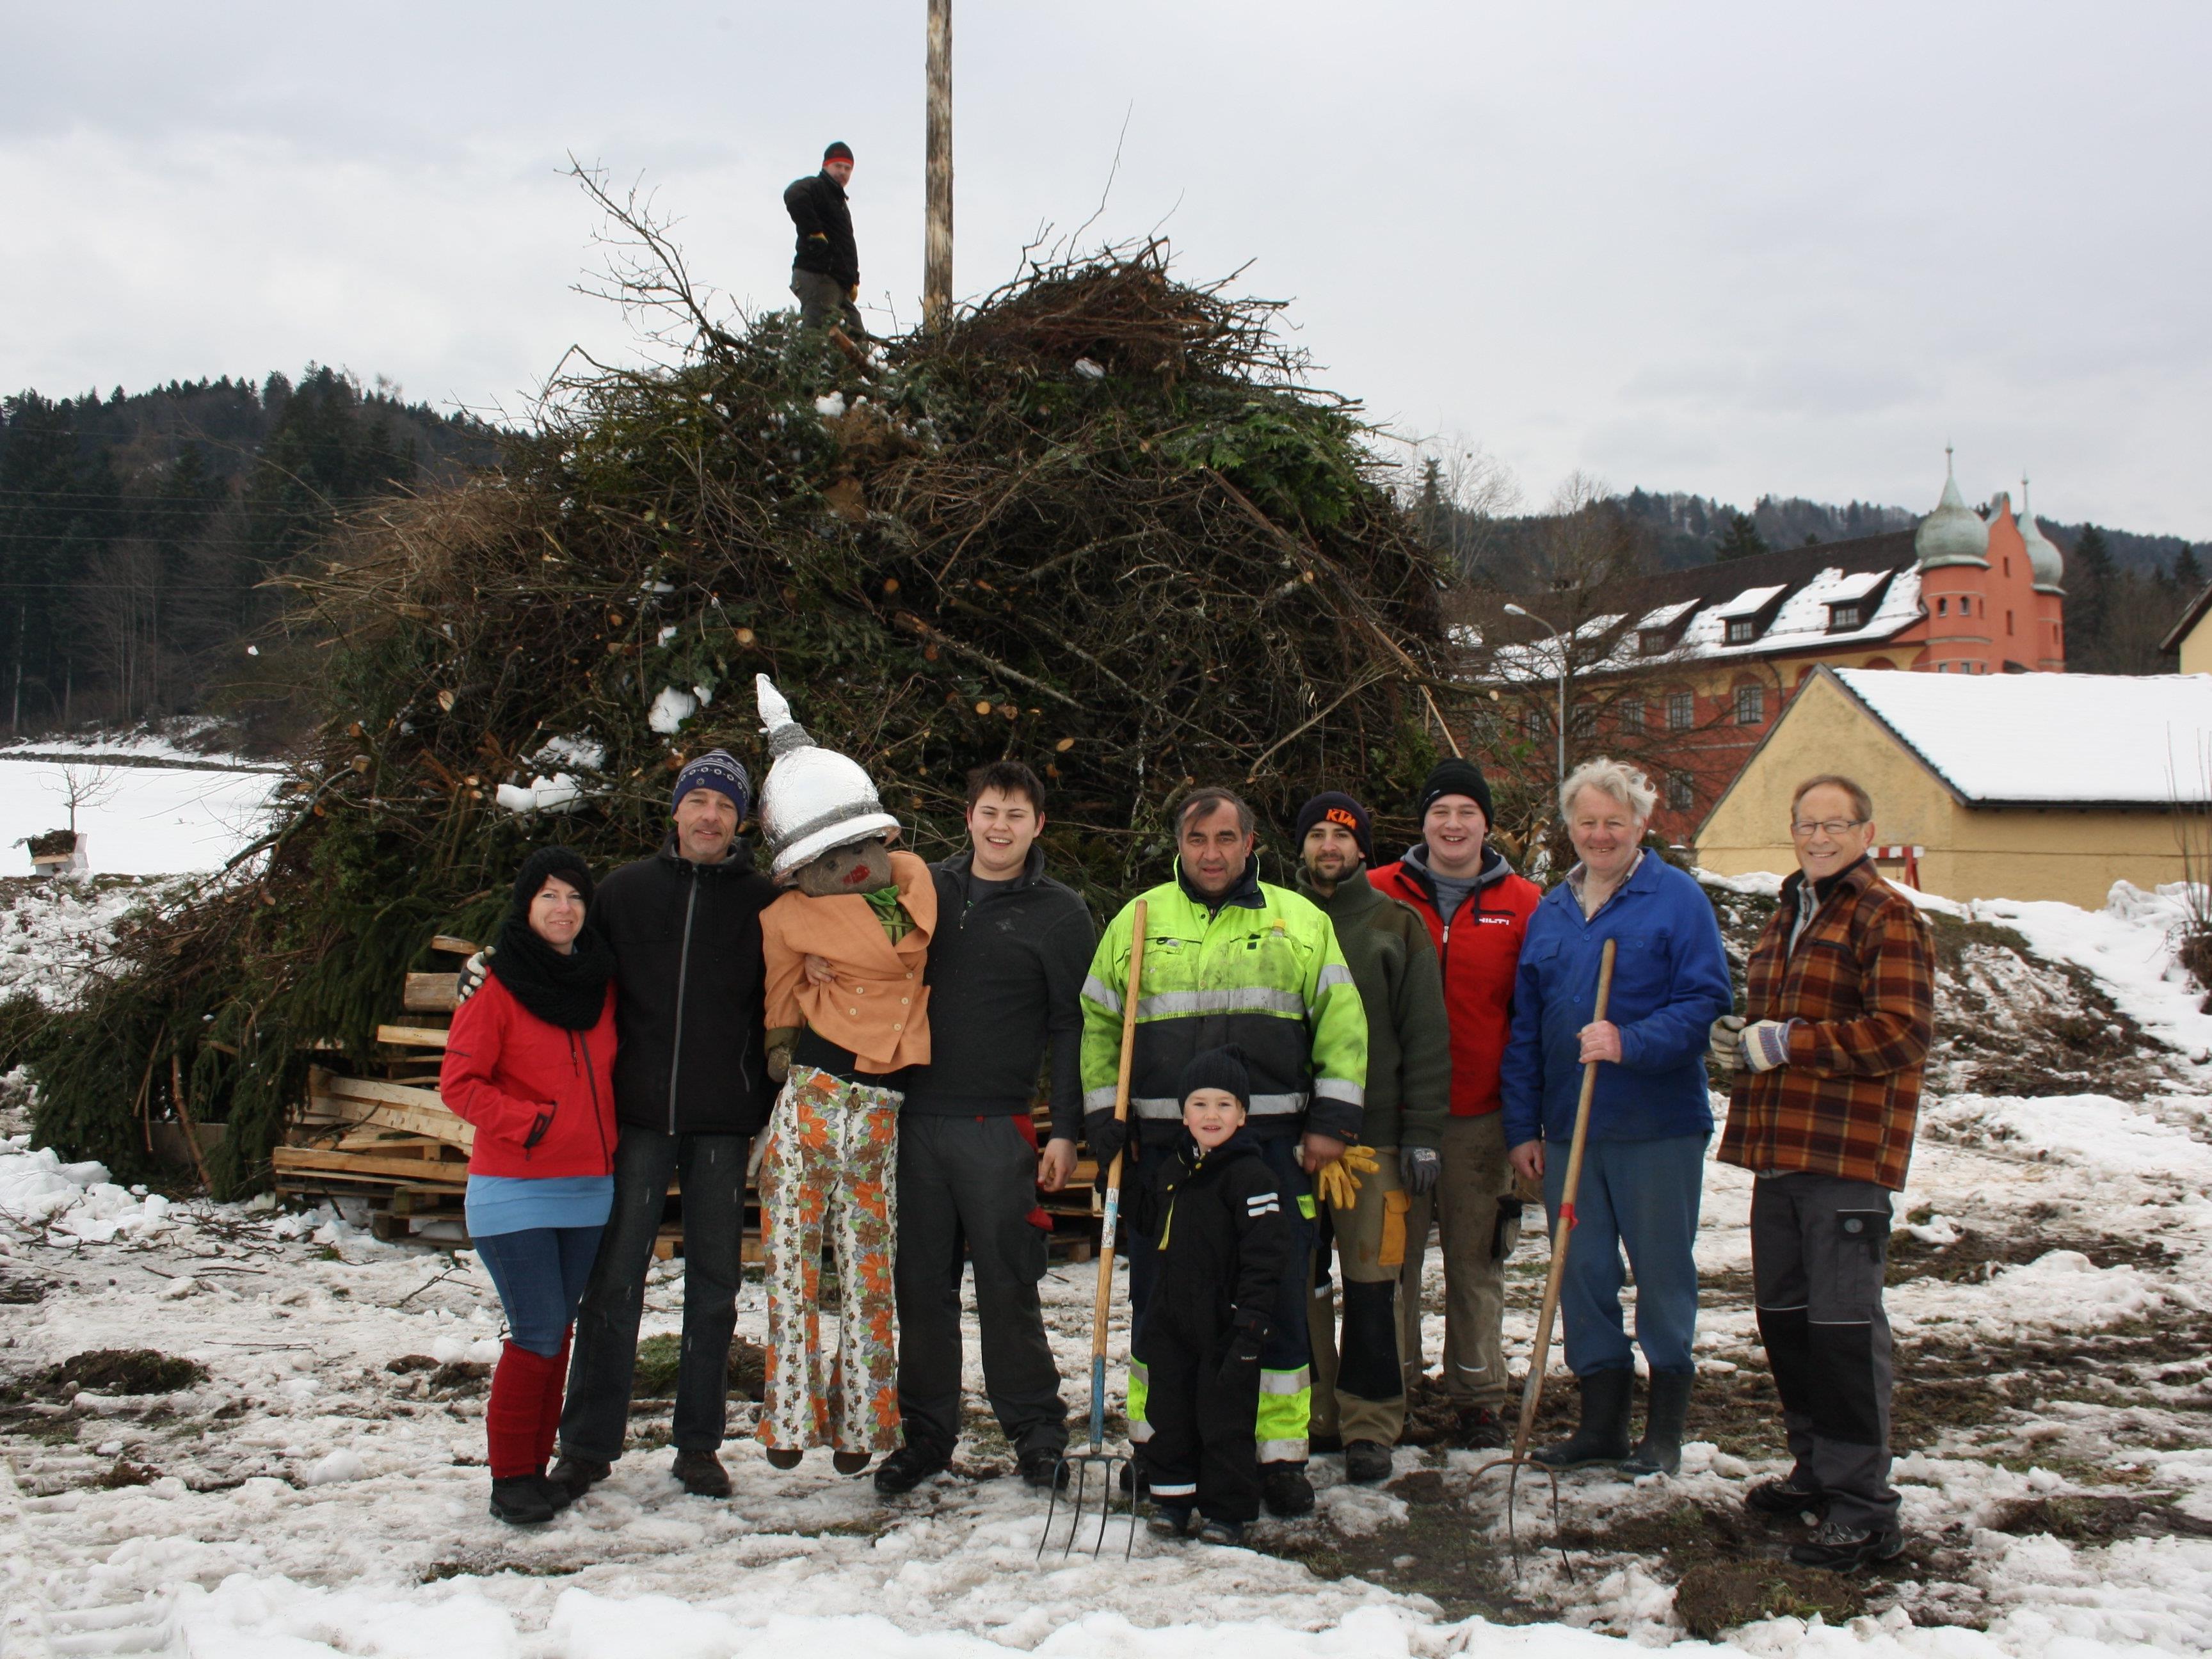 Die Funkenzünfte Bäumle, Berg und Hofen (Bild) laden am Wochenende zum großen traditionellen dreifachen Lochauer Funkenabbrennen.